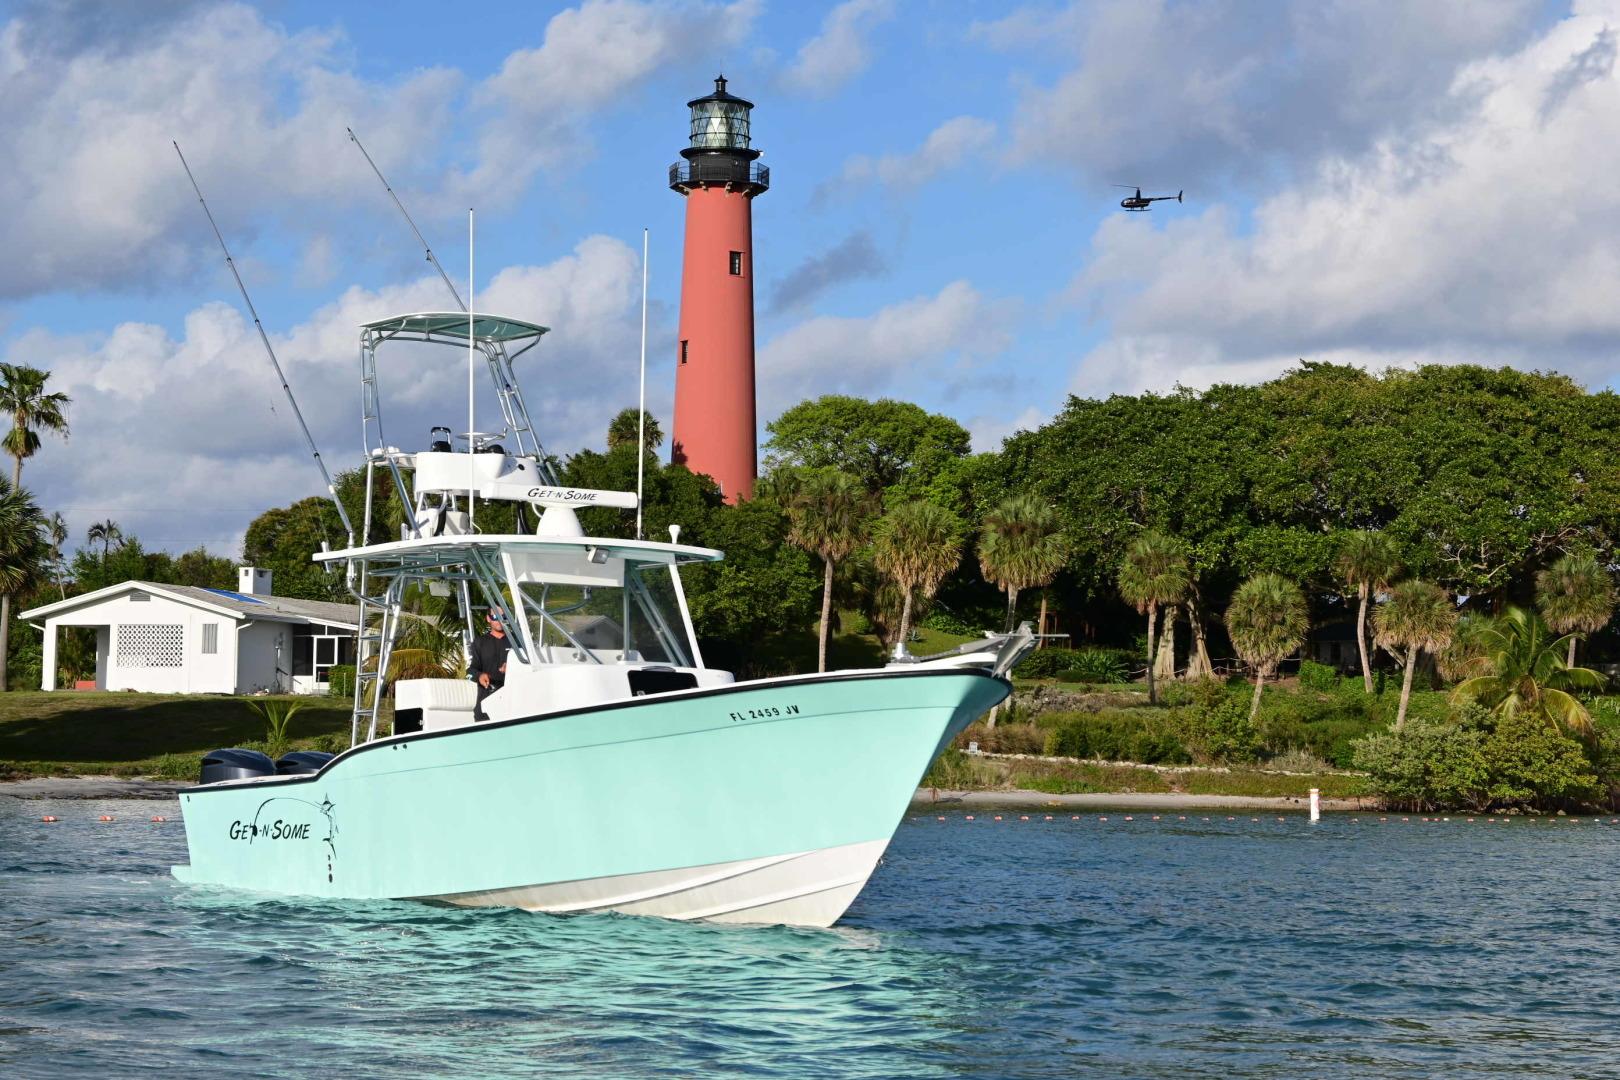 Mirage-32 1999-Get N Some Jupiter-Florida-United States-1639307   Thumbnail